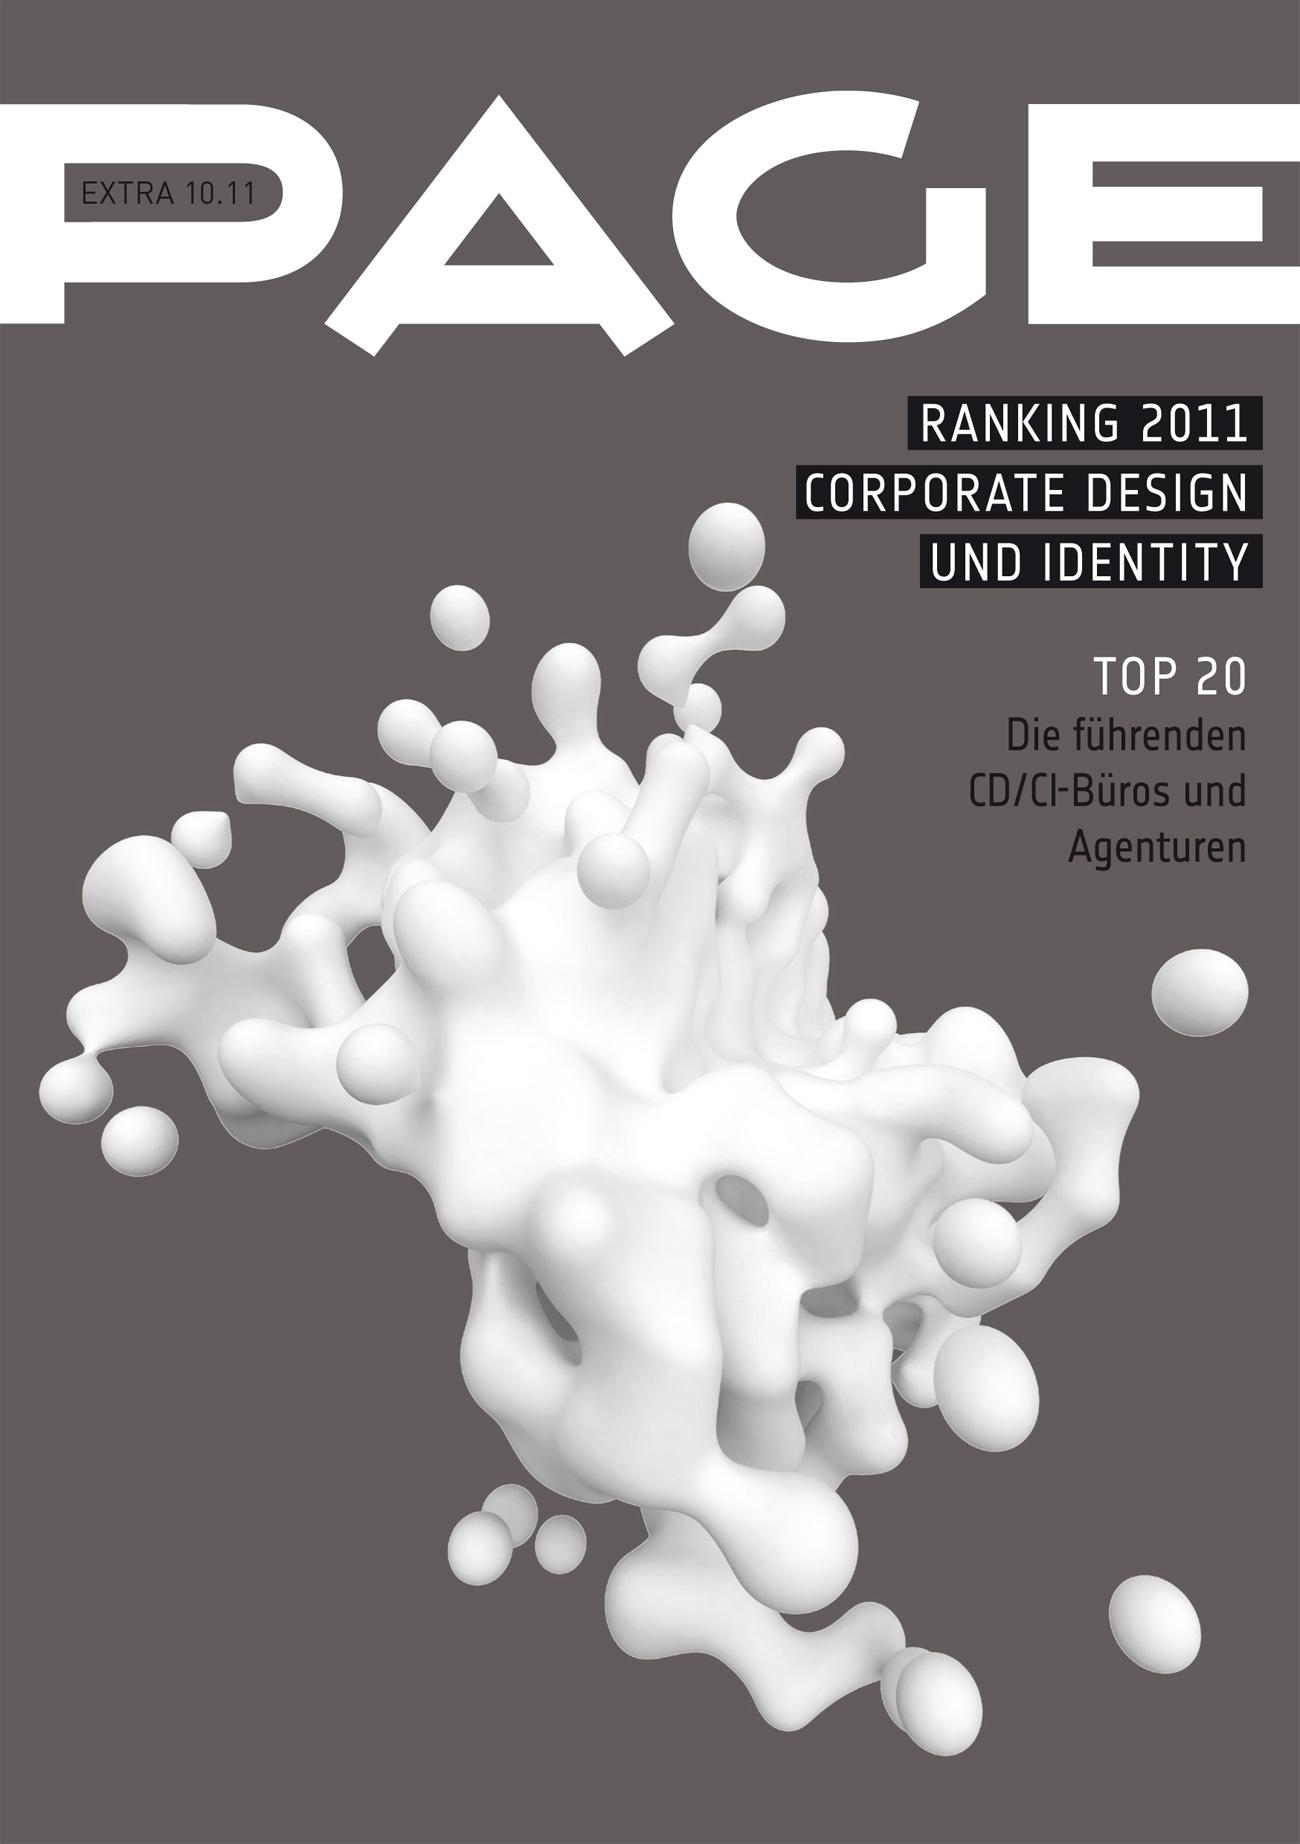 CD_CI_ranking_2011_001_Extra_10